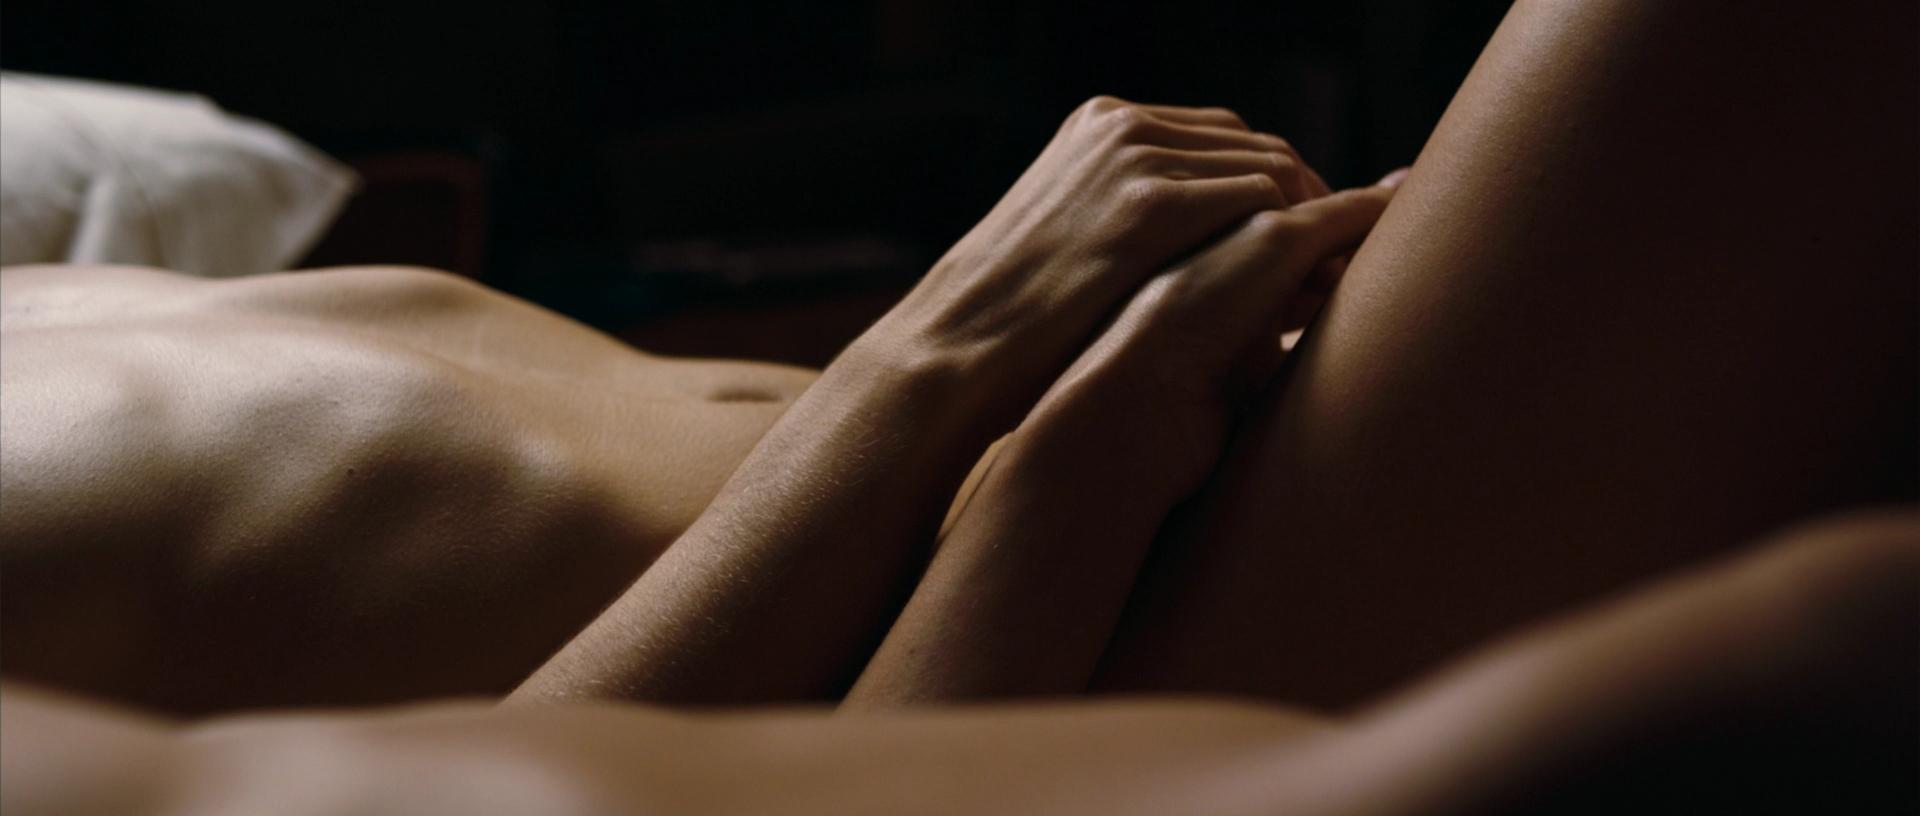 Гладить Обнаженное Тело Любимой Порно Живые Фото